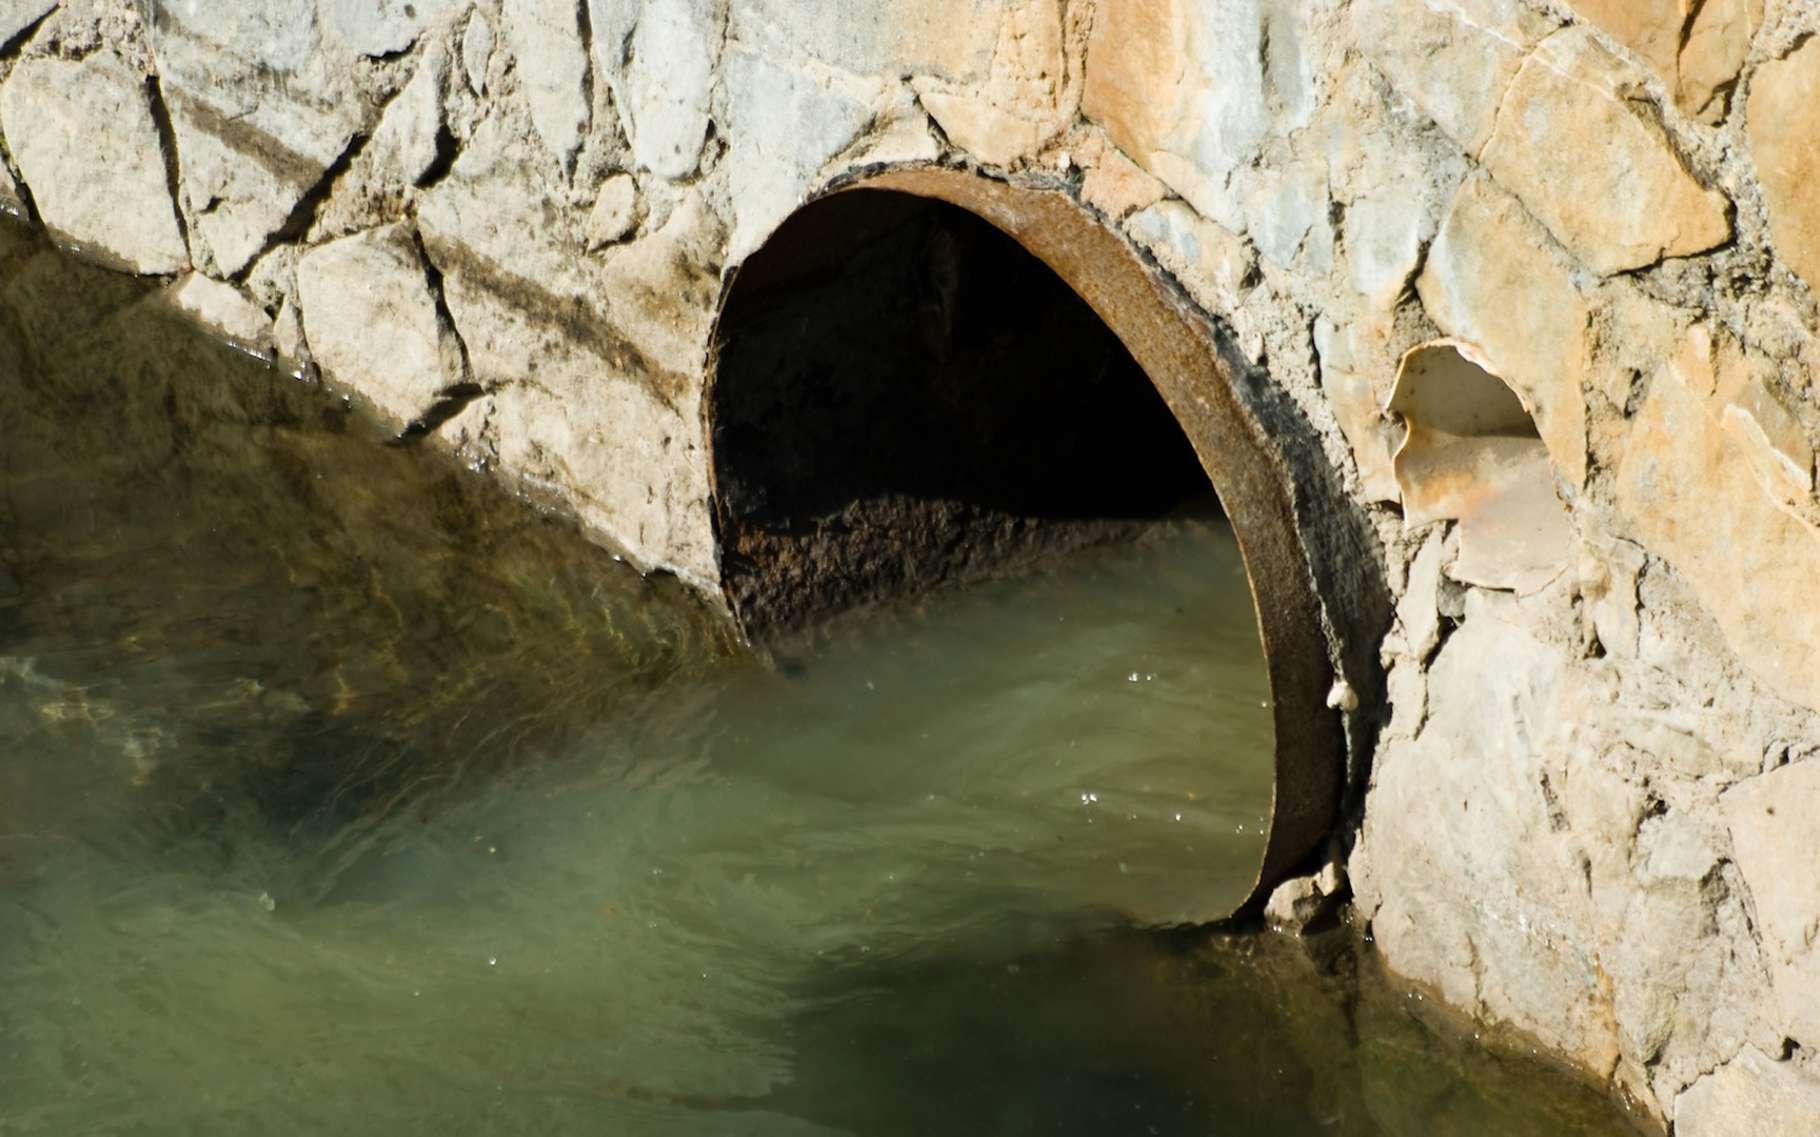 Ne jetez jamais de substances toxiques ou de produits usagés tels que de l'huile de vidange dans les cours d'eau, cela ne fera qu'accroître la pollution des rivières de France. © Tommy, Fotolia